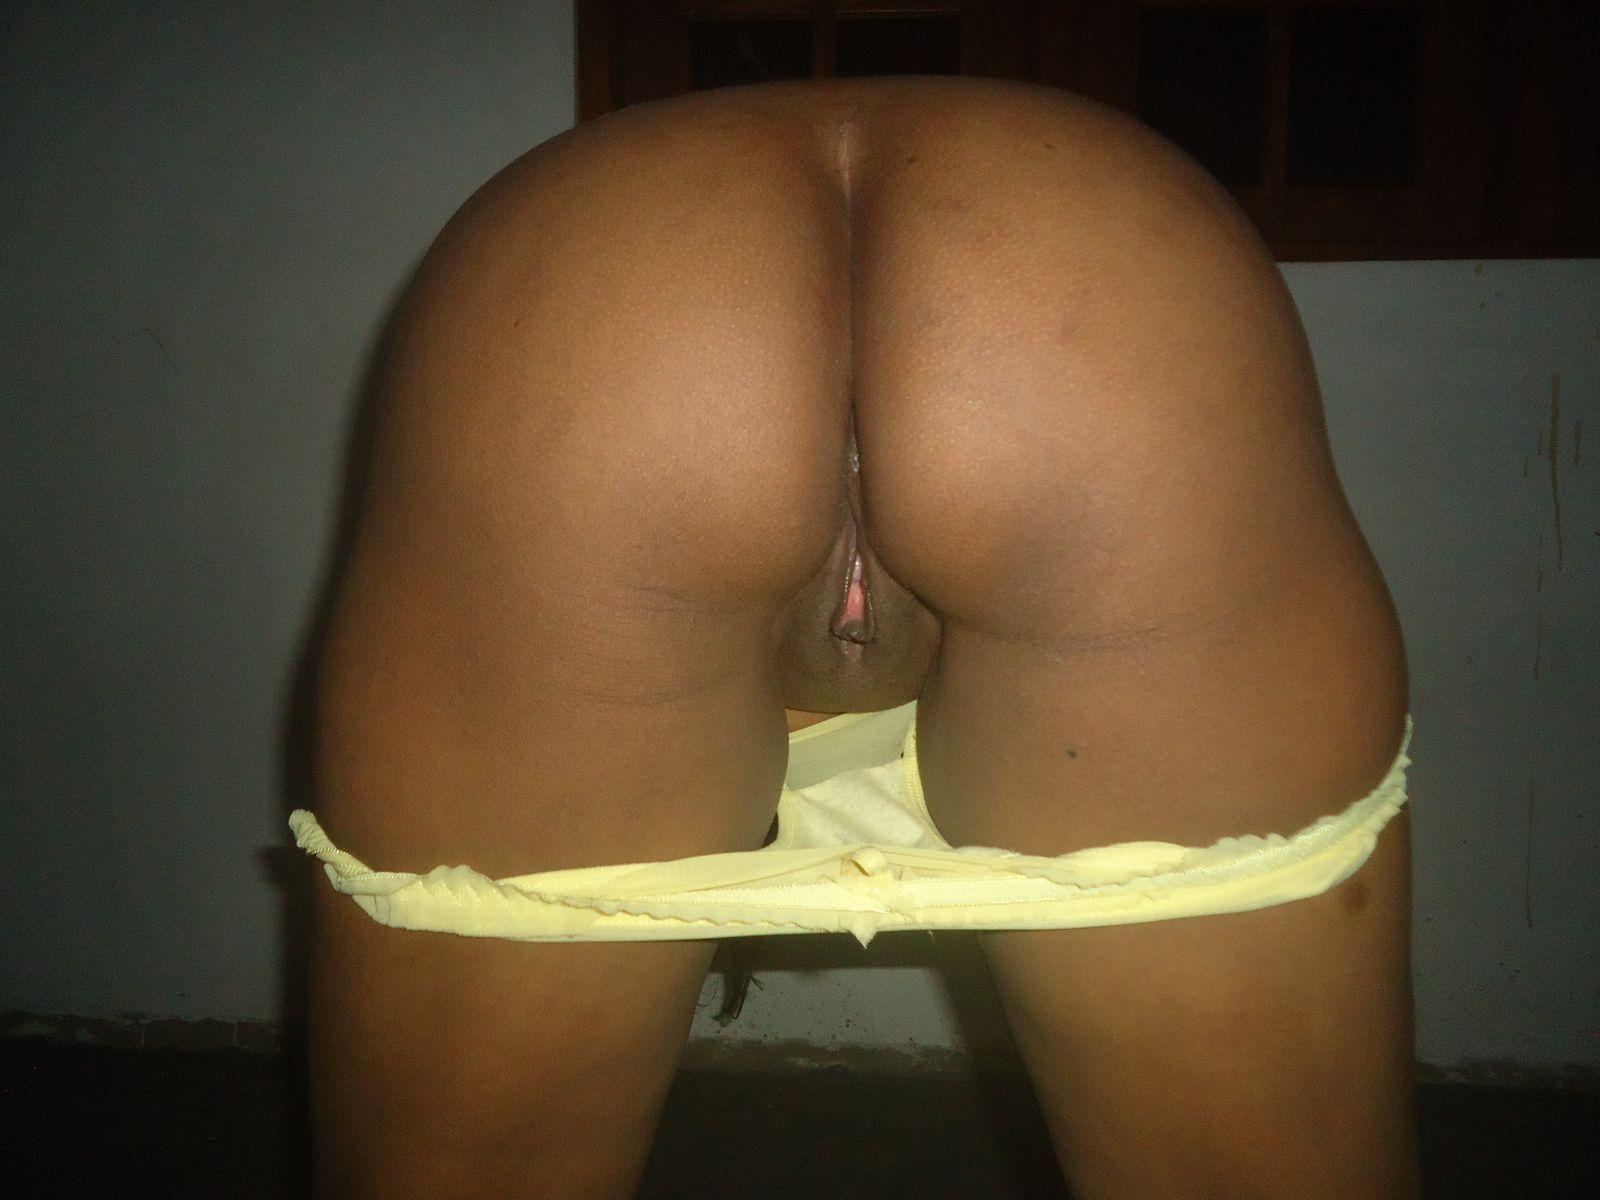 Пизда и задница зрелой особы женского пола из Шри-Ланки